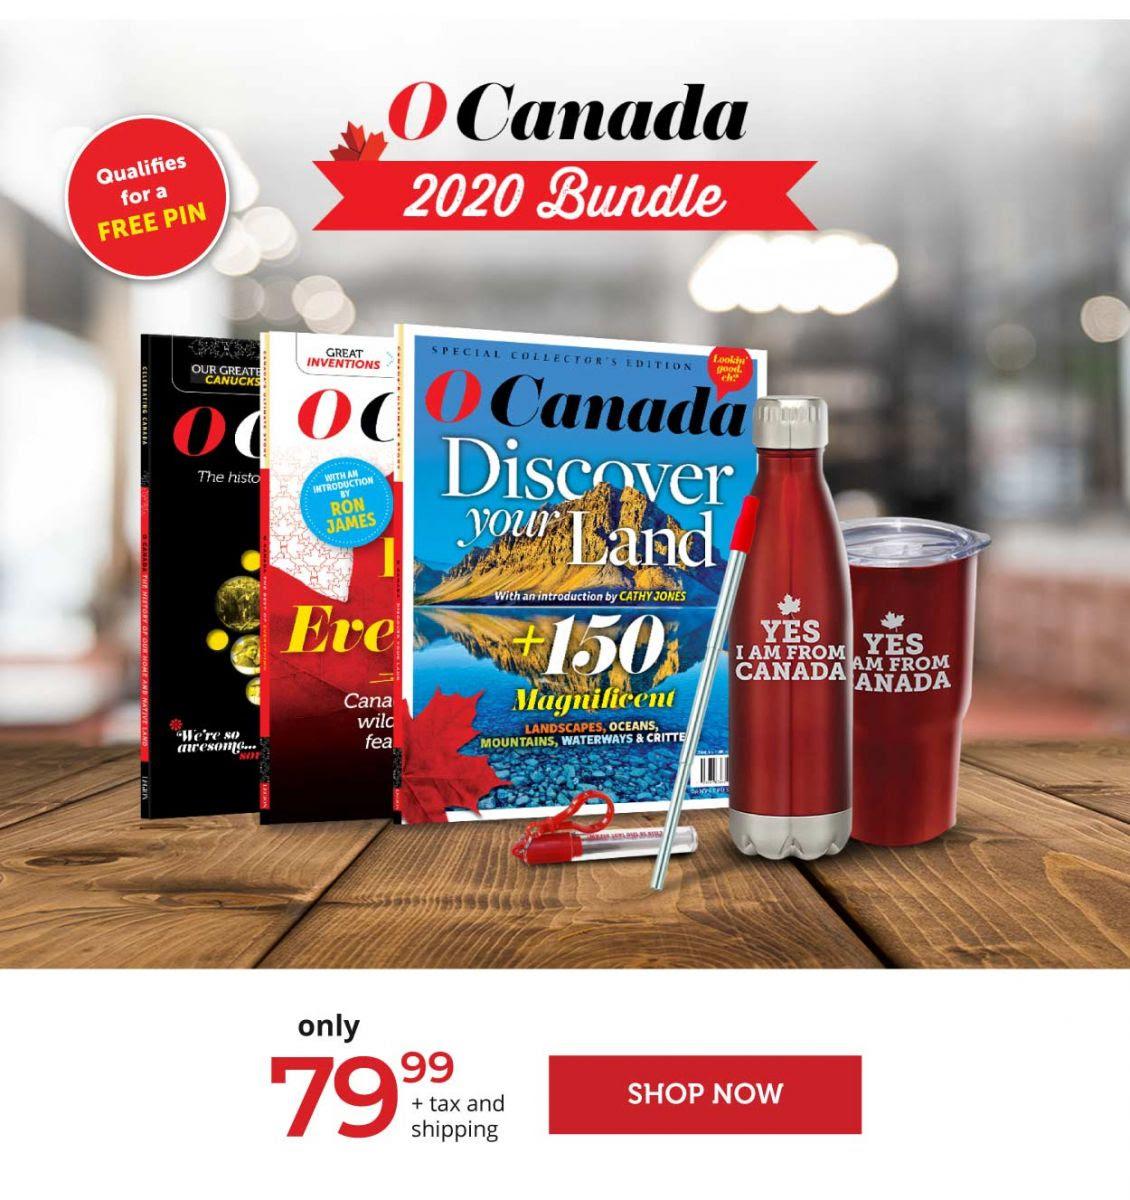 O Canada 2020 Bundle